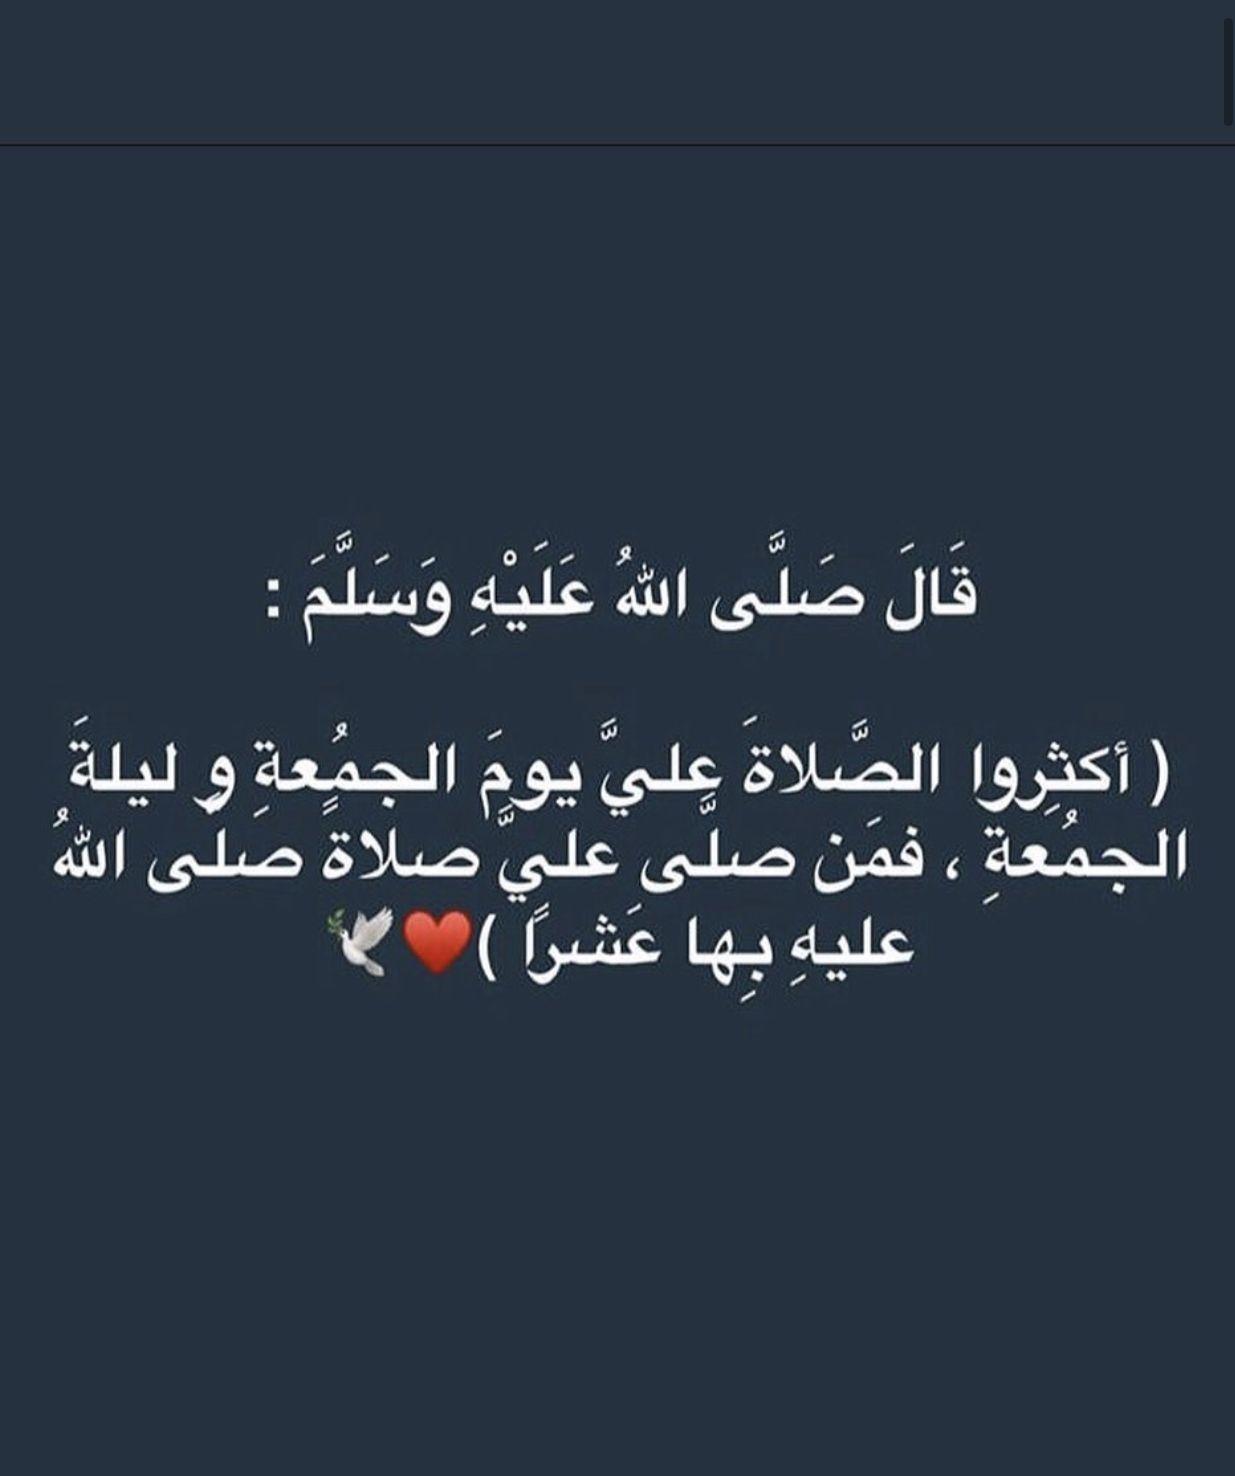 اللهم صل وسلم على سيدنا محمد Arabic Calligraphy Calligraphy